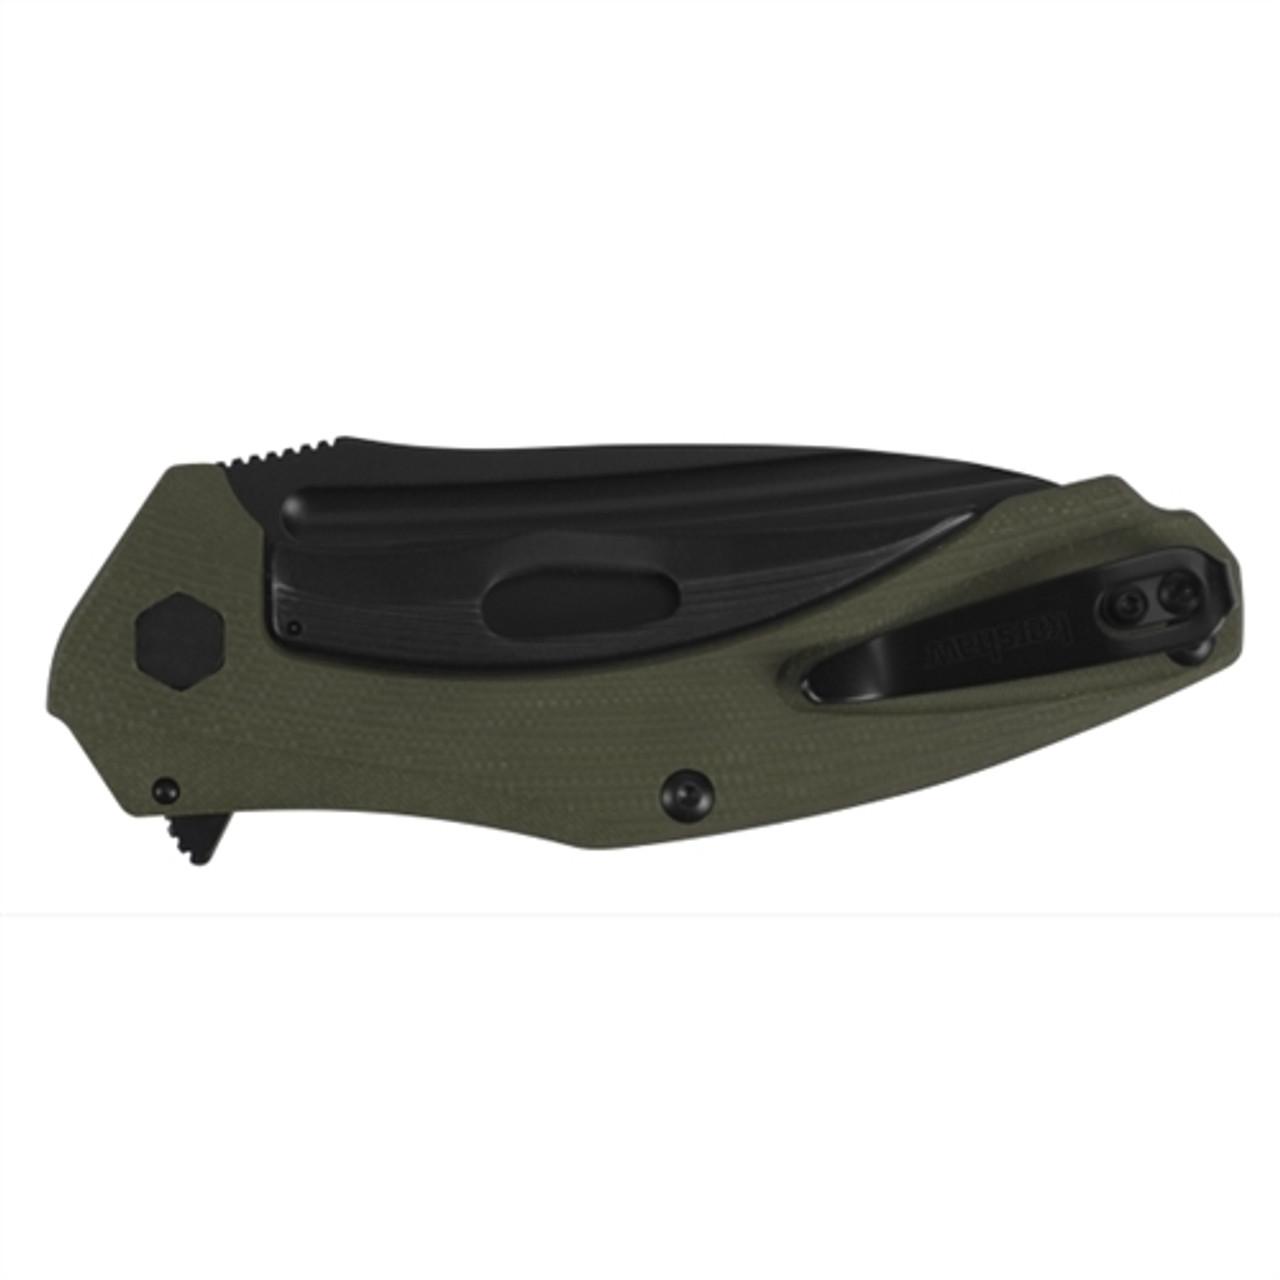 Kershaw 7008OLBLK OD Green Natrix XL Flipper Knife, Black Blade